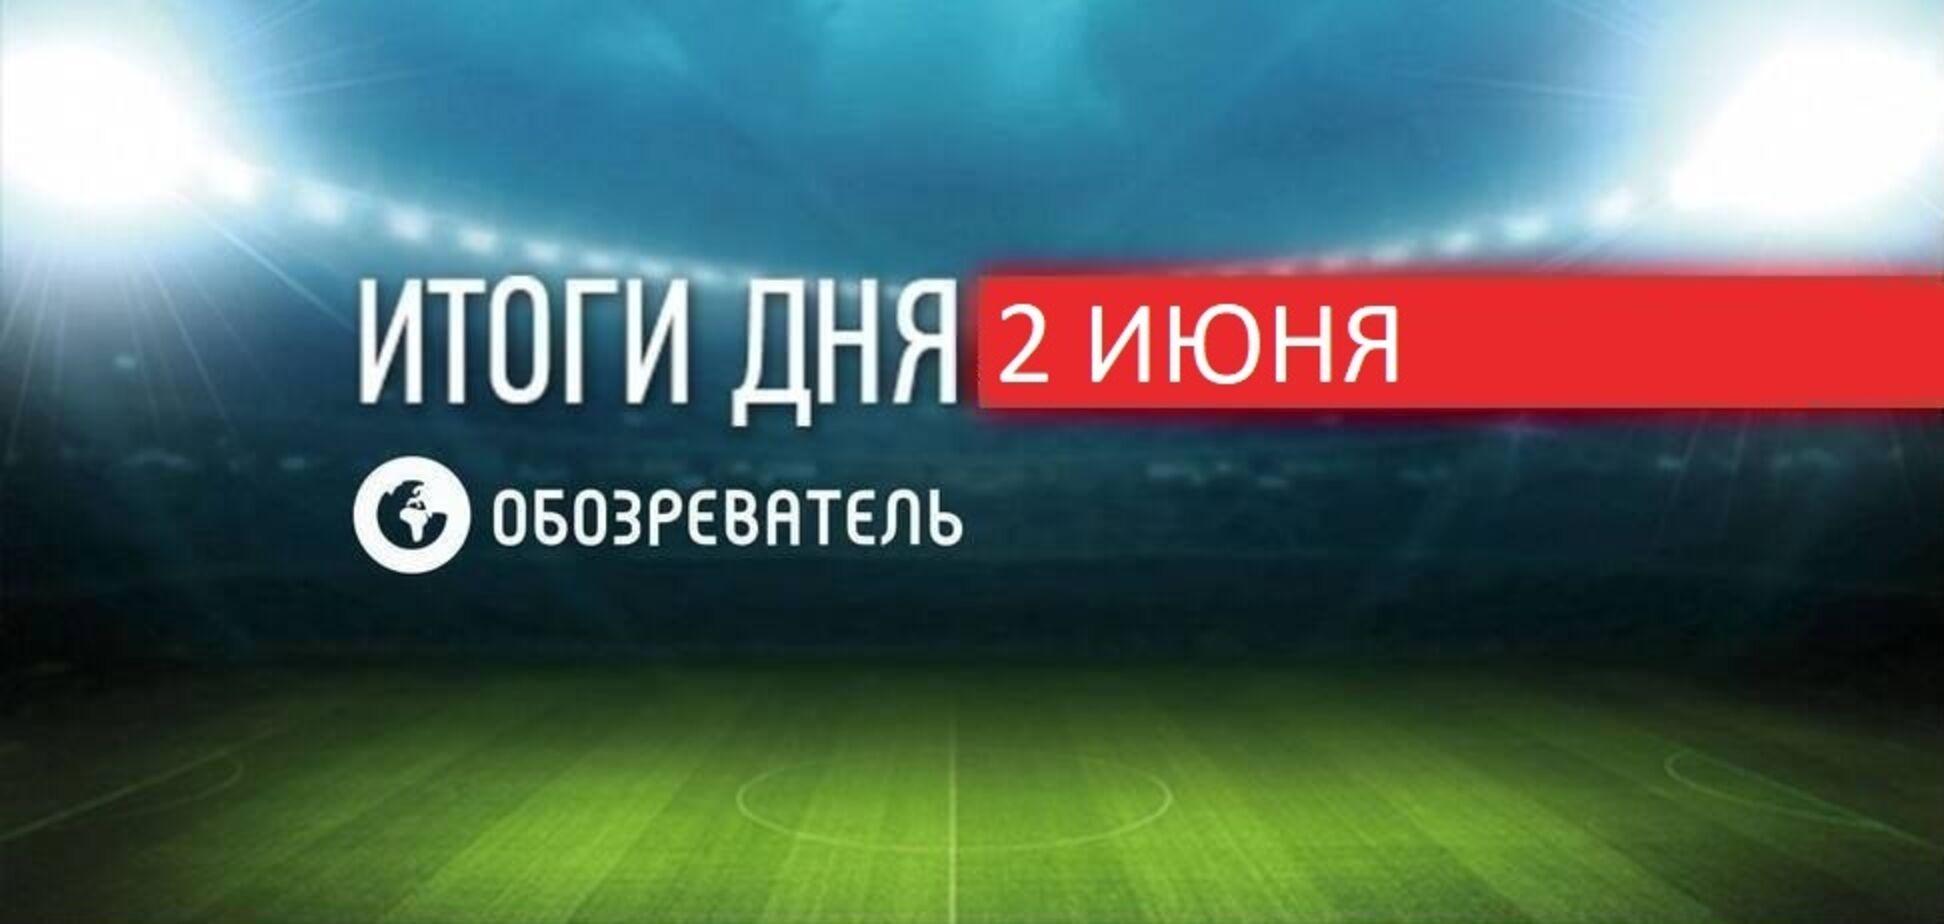 Новини спорту 2 червня: Ребров уперше прокоментував конфлікт у 'Ференцвароші'